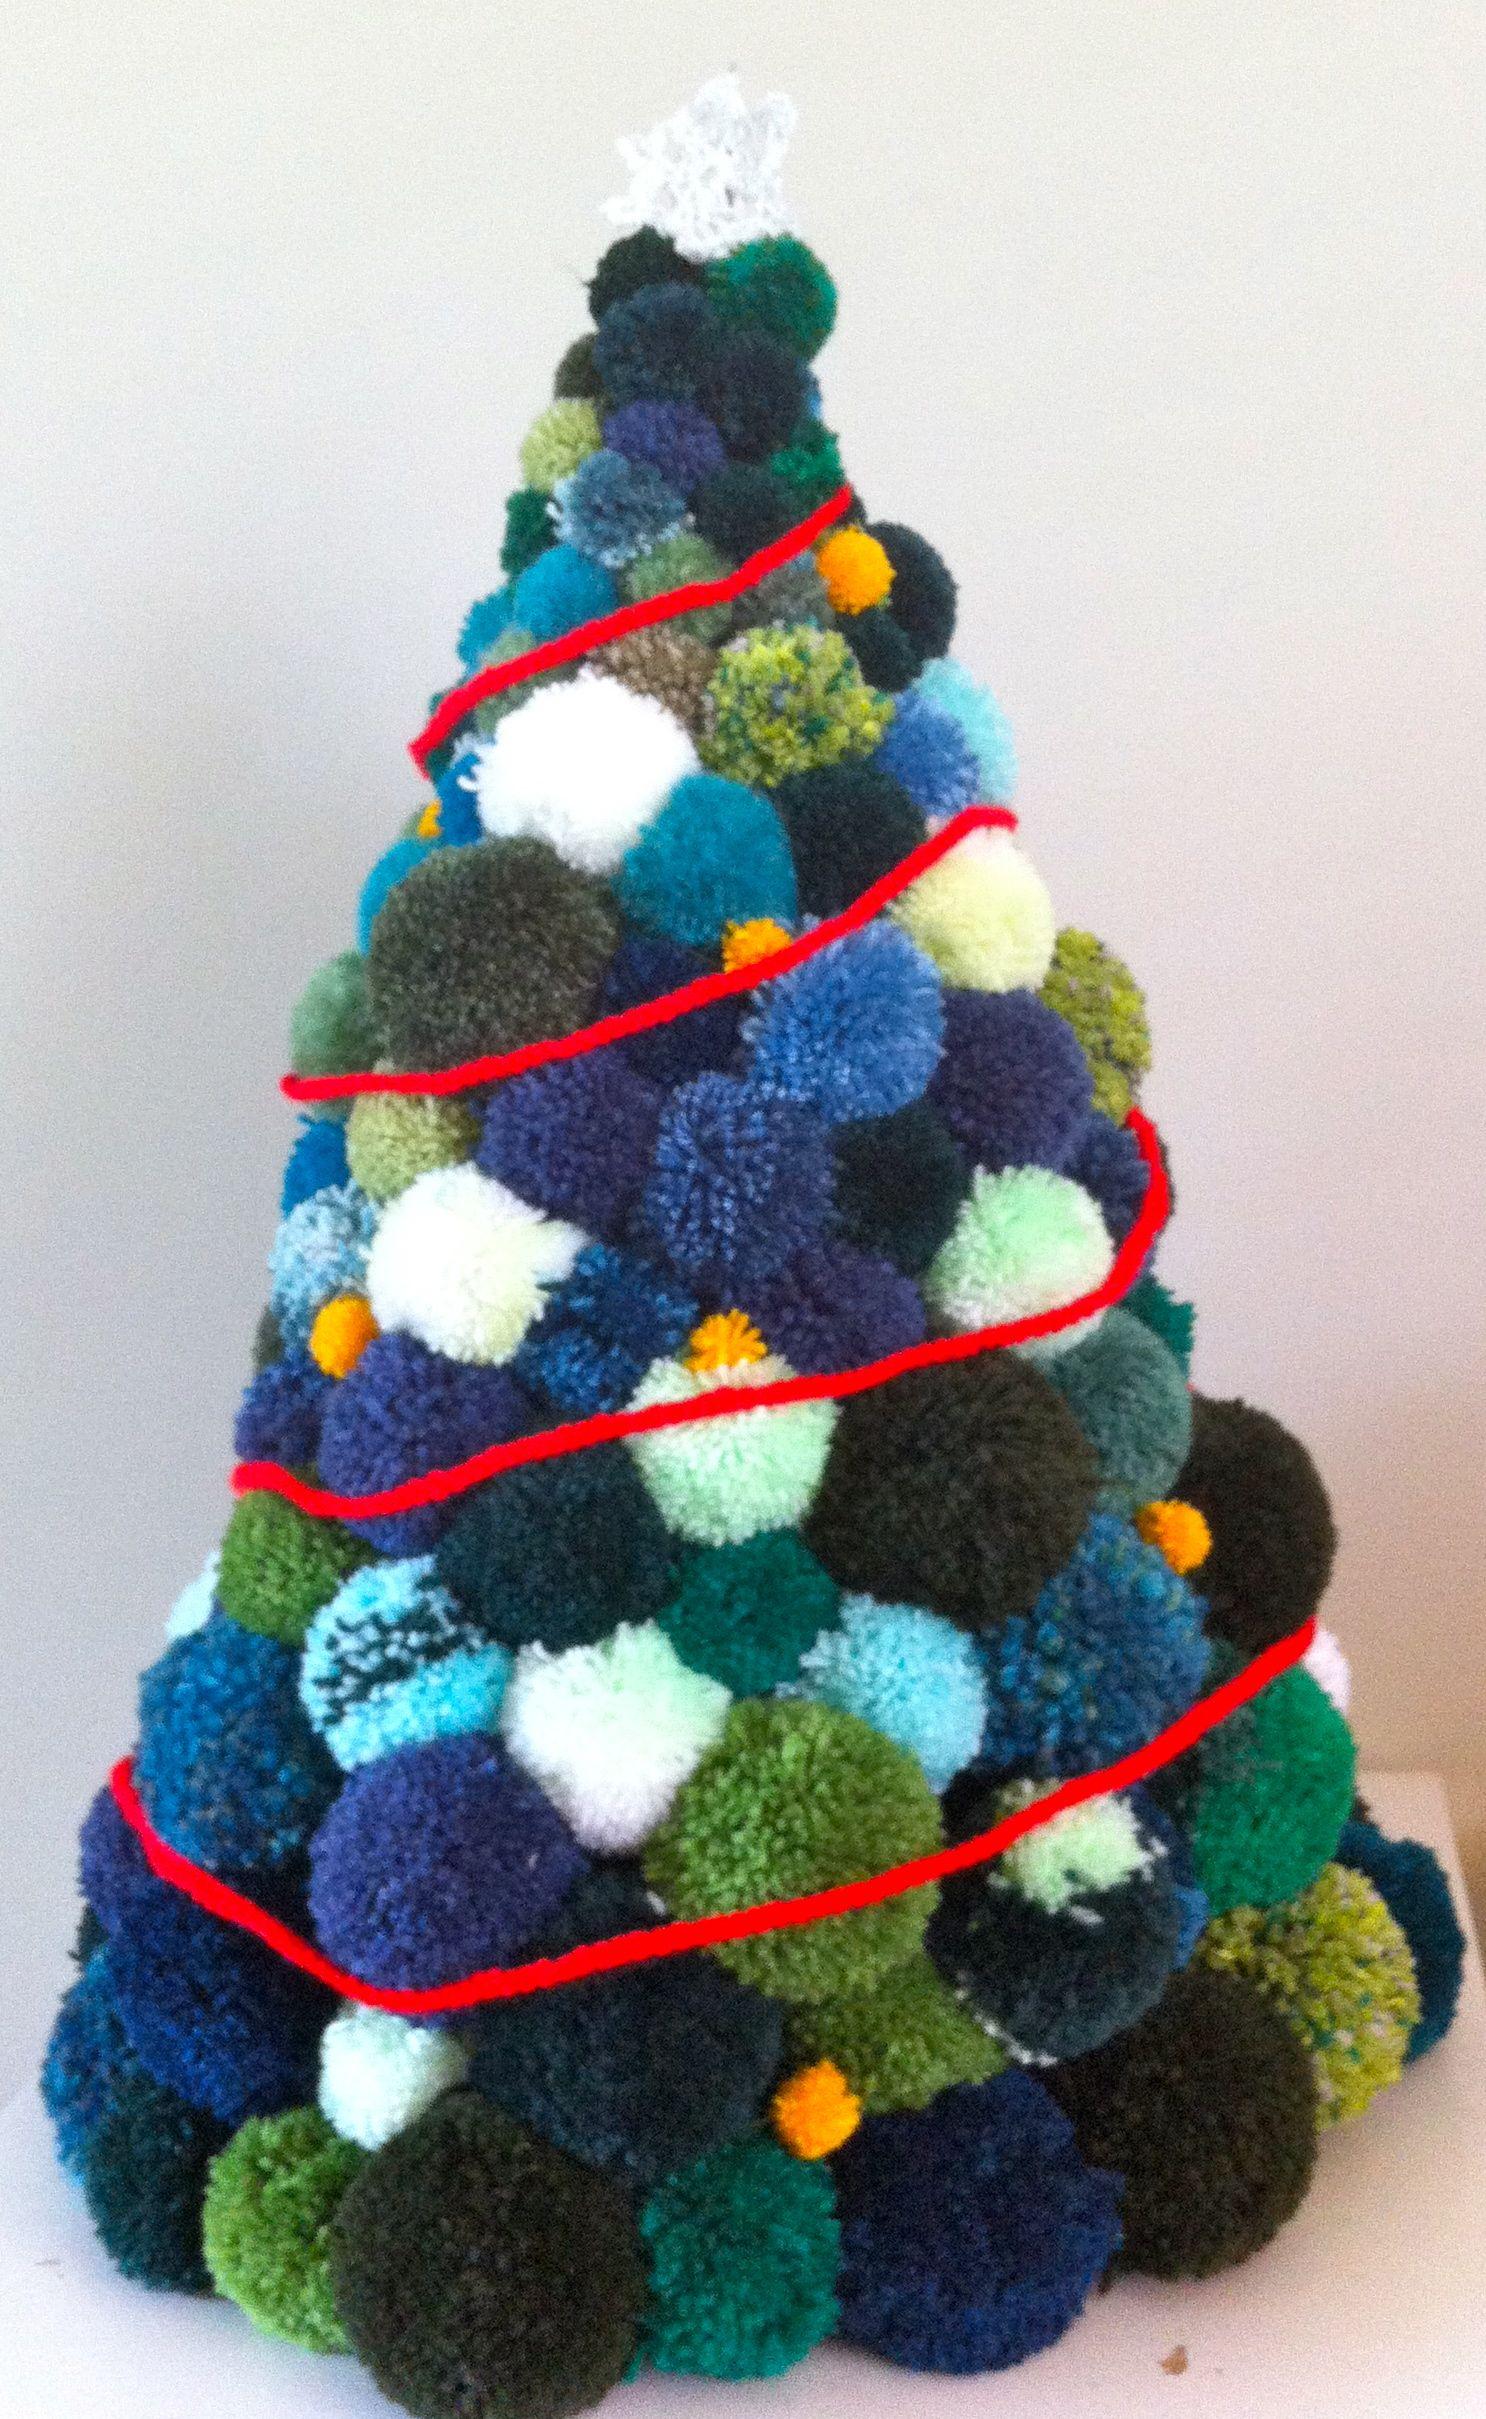 Our Pom-pom Christmas Tree! – My Make Do and Mend Life